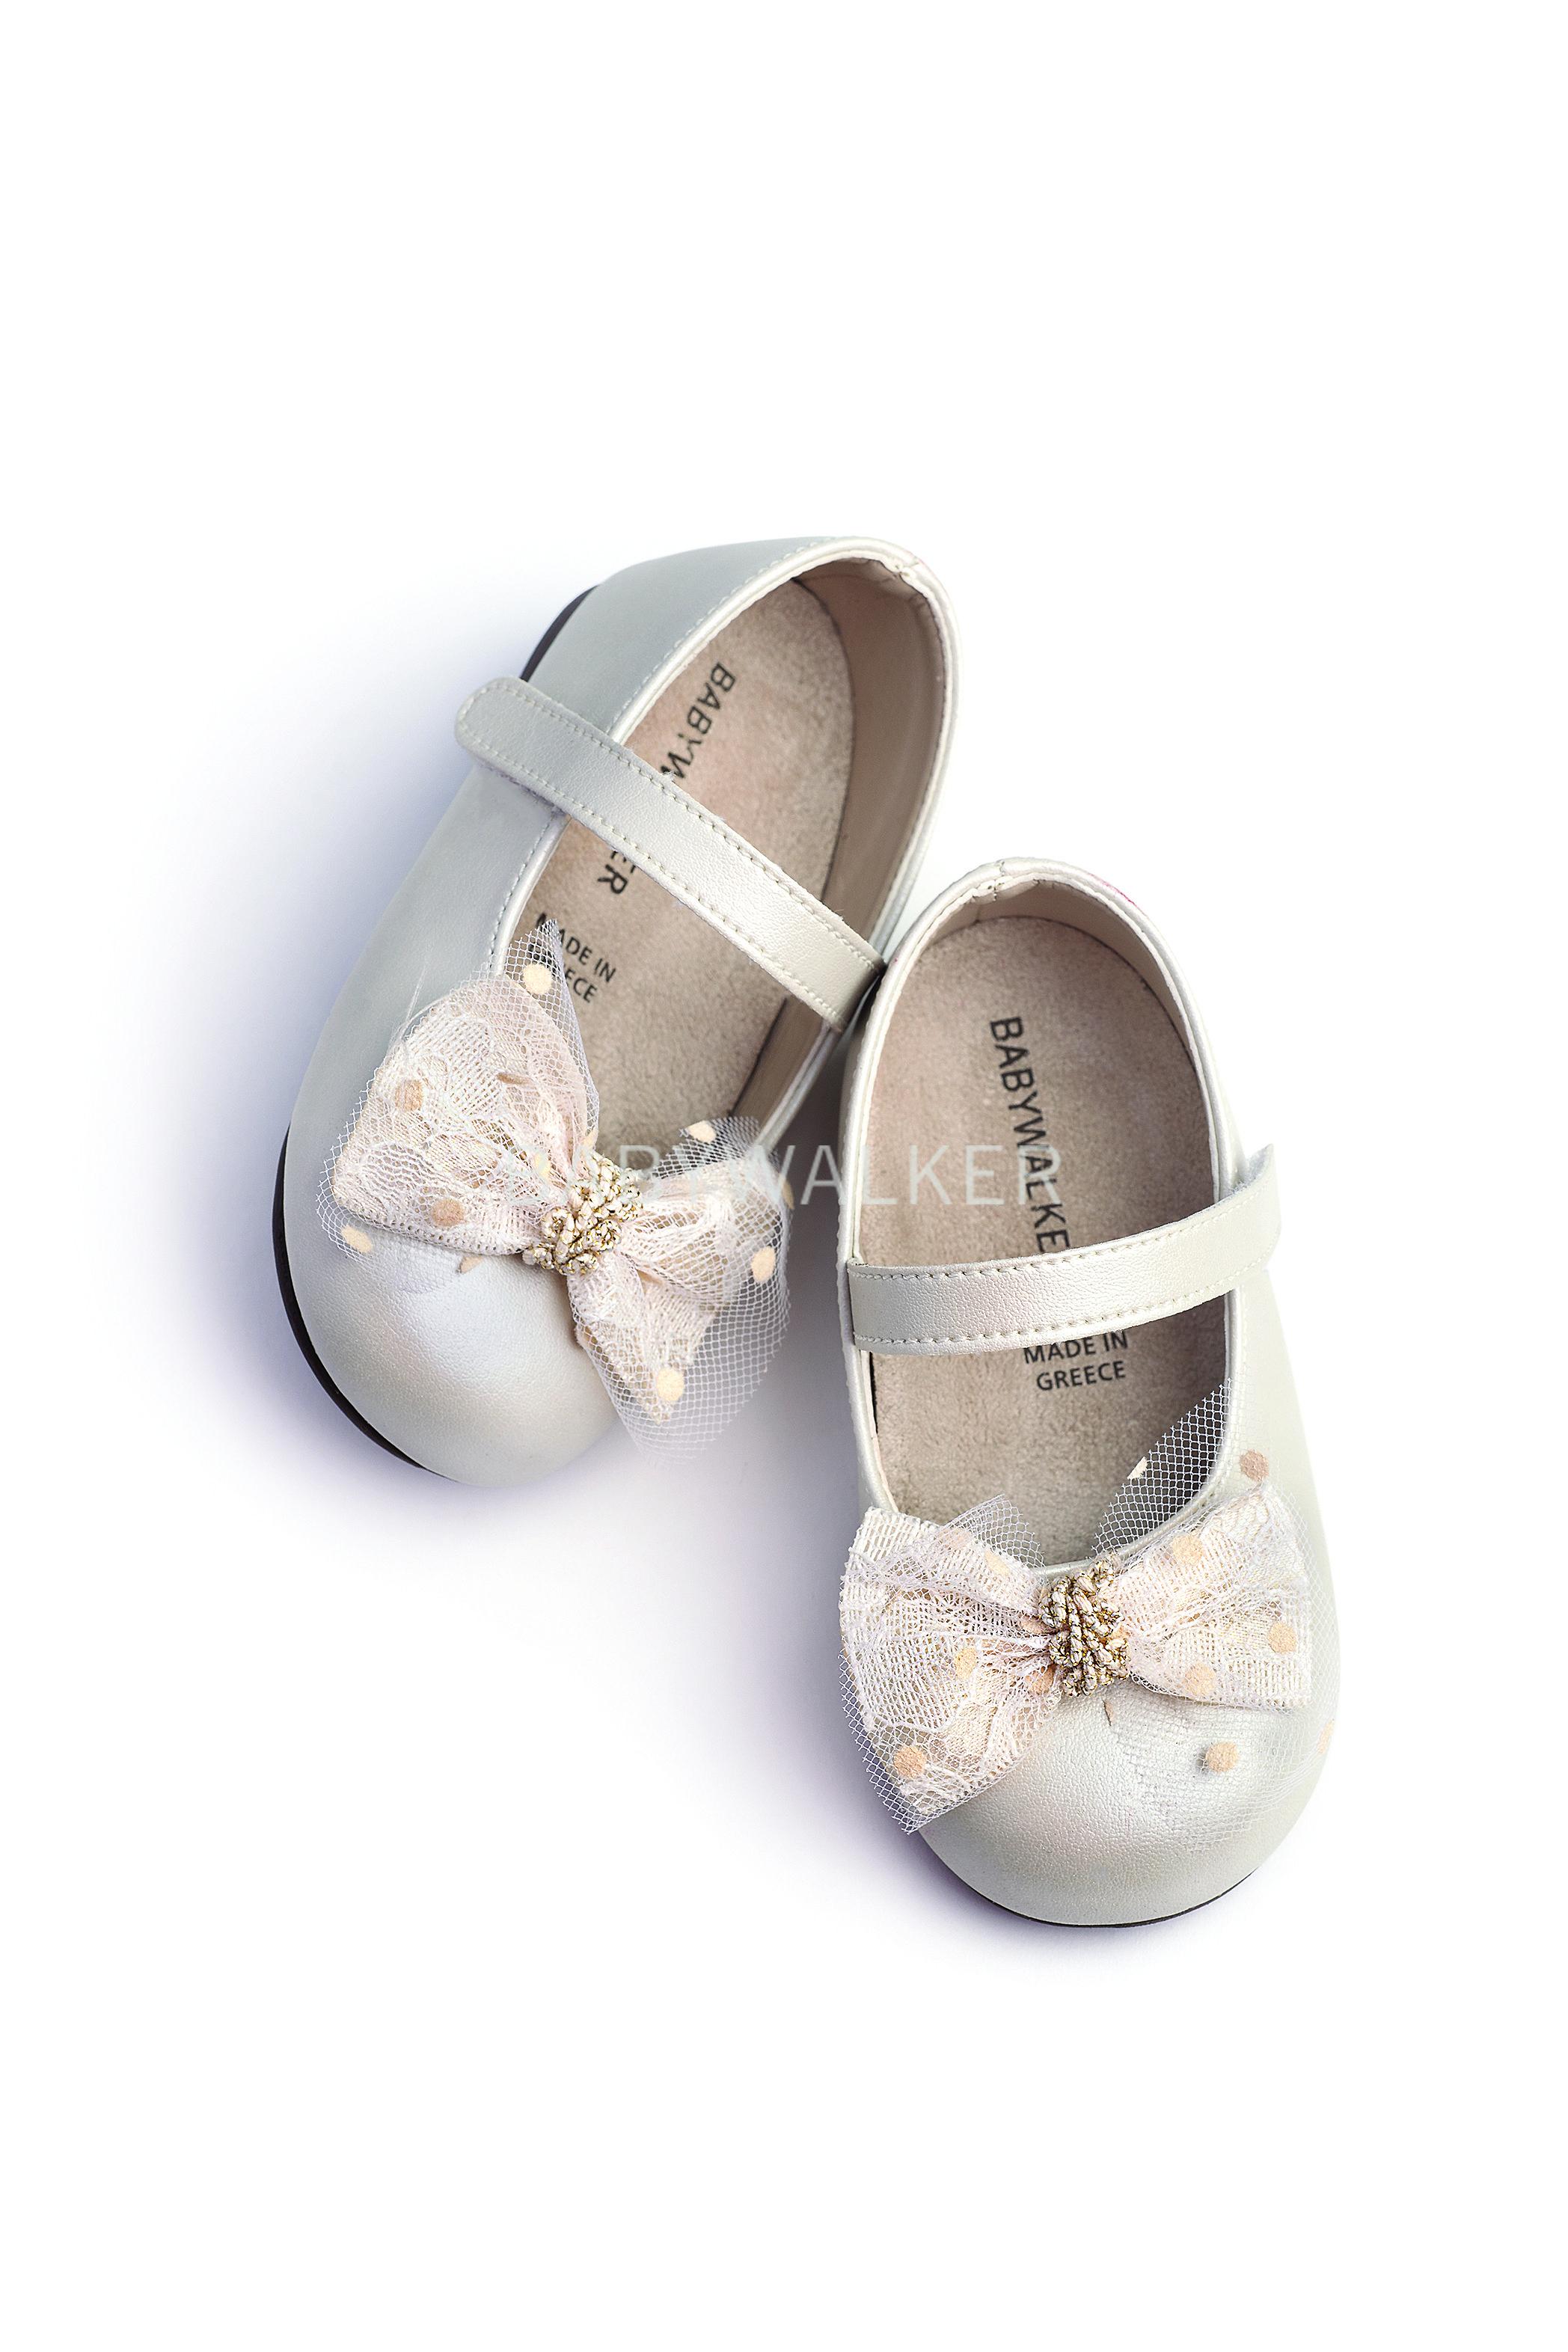 bccd9595cc3 Βαπτιστικό παπούτσι Babywalker για κορίτσι από περλέ συνθετικό δέρμα σε  εκρού.